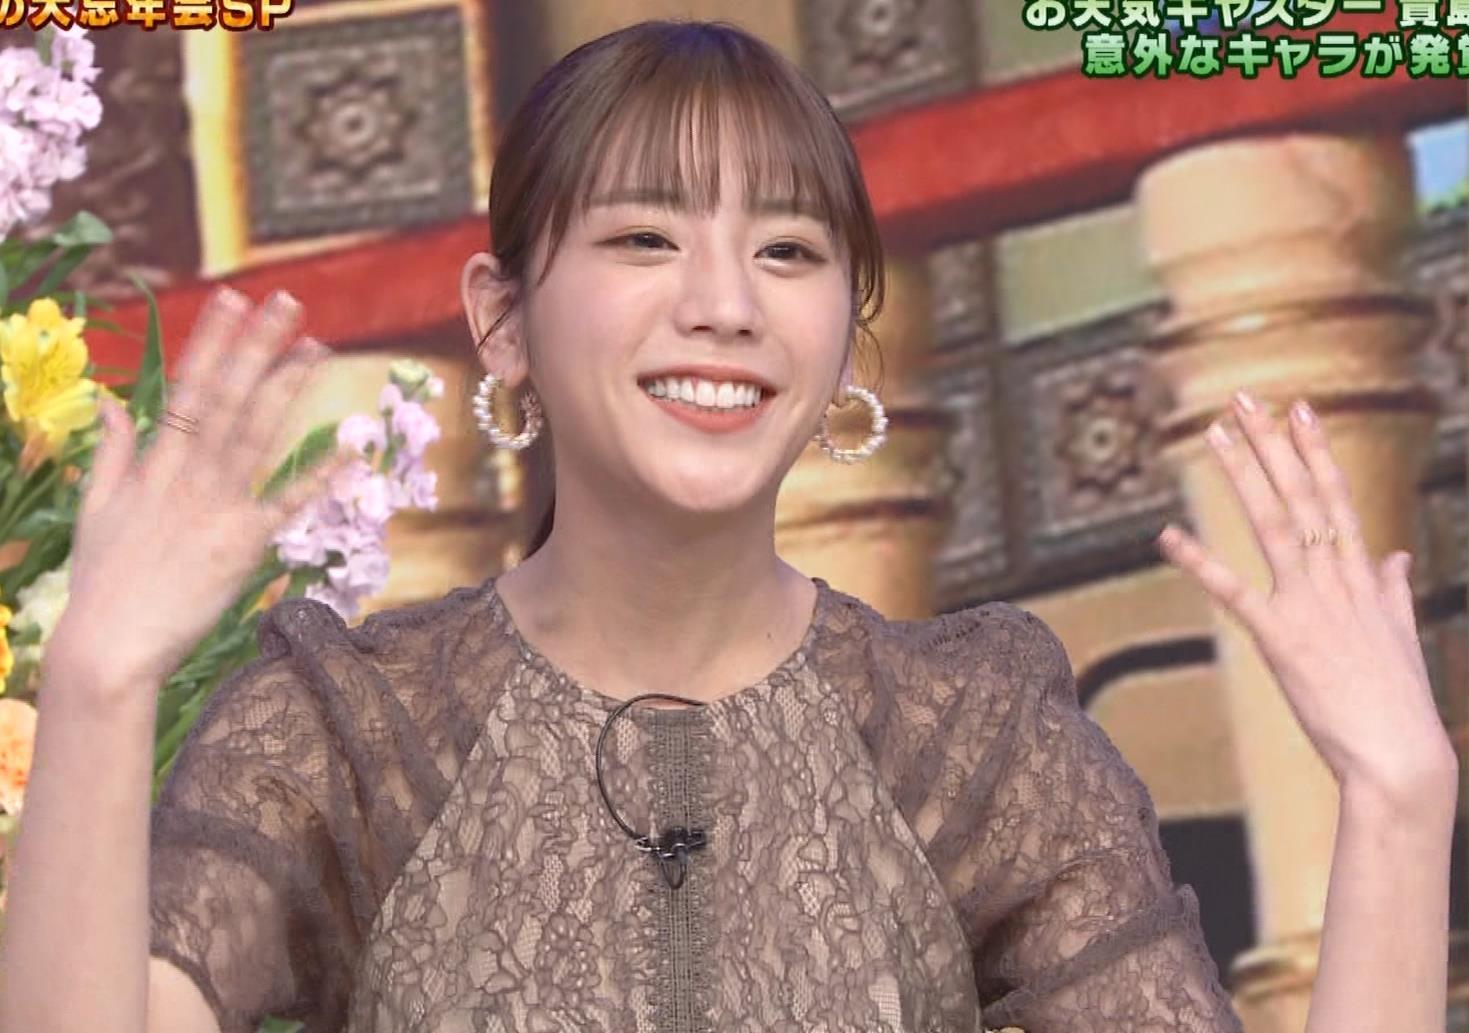 貴島明日香 透け衣装キャプ・エロ画像6